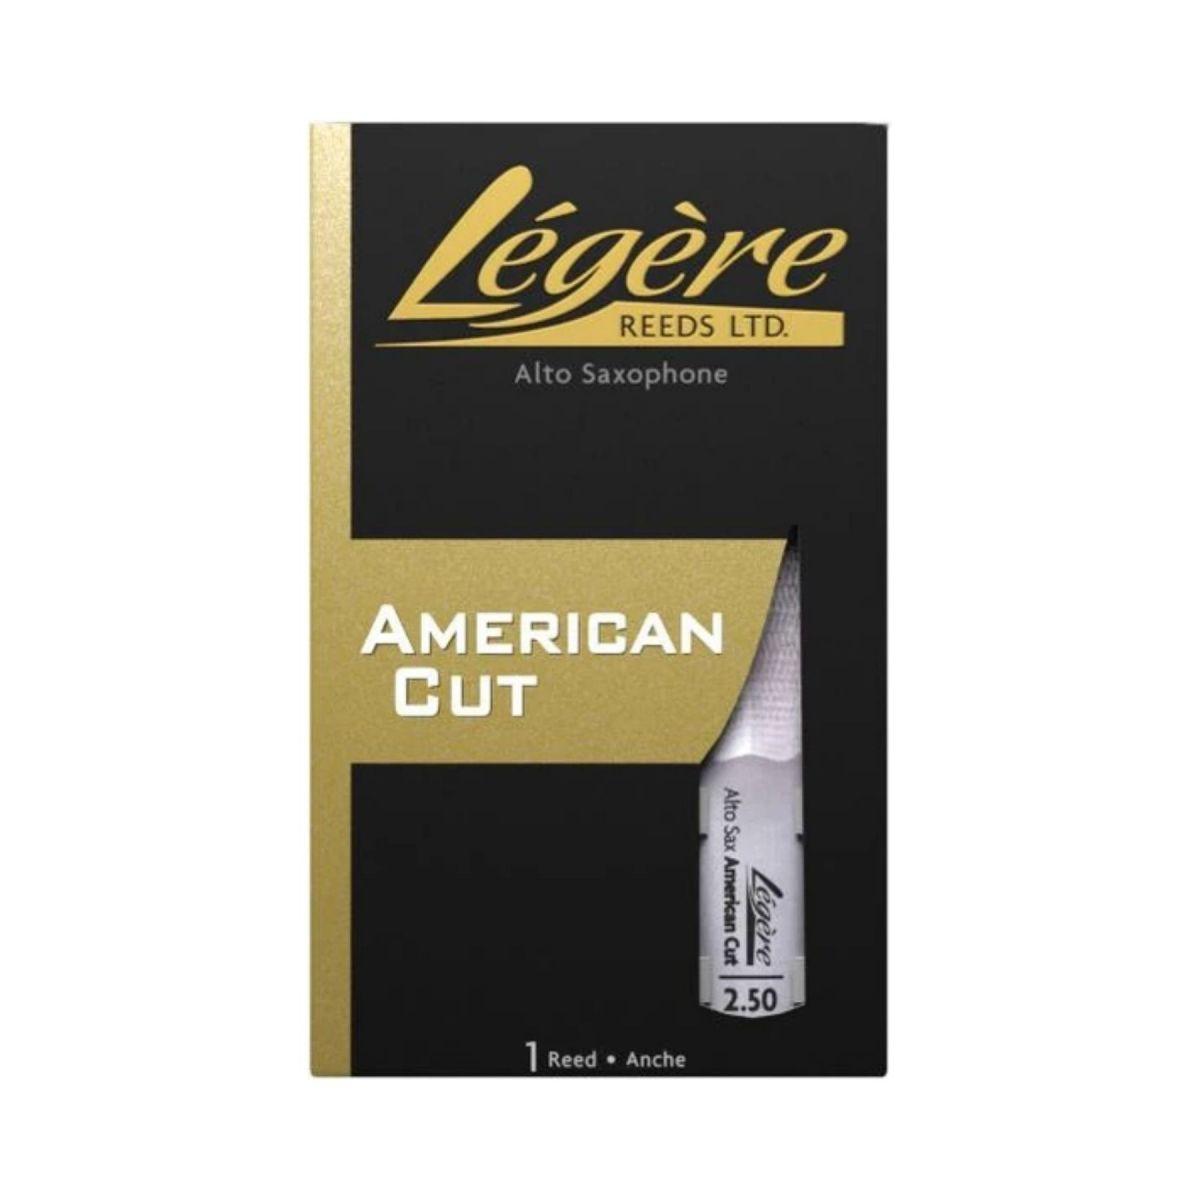 Ancia Sax Alto Legere American Cut n.2,50 singola